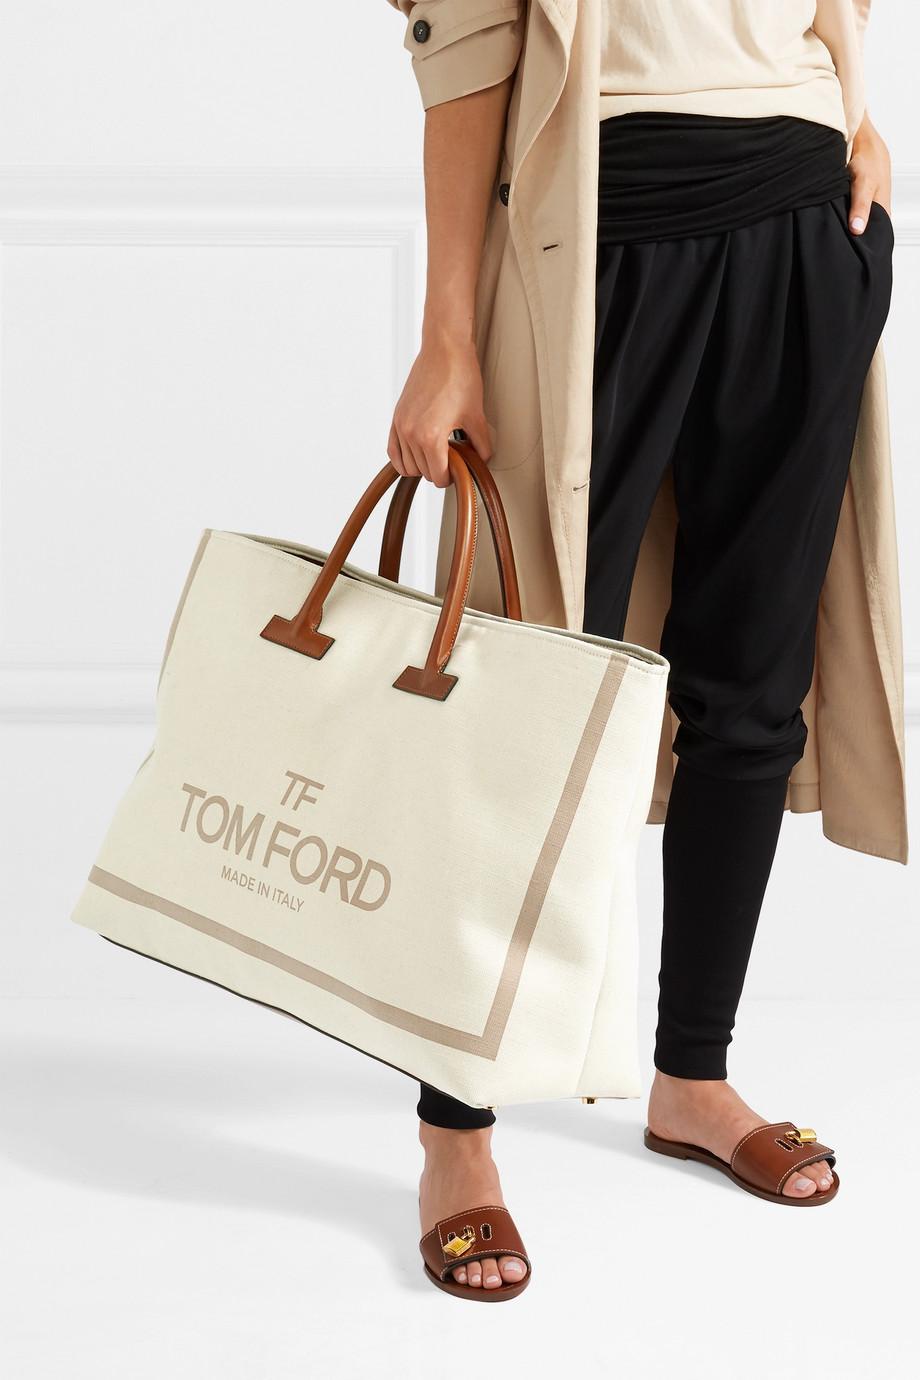 تسوقي منتجات الموضة المرفقة من أجمل حقائب يد مثالية للسفر من أحدث مجموعات الدور العالمية.